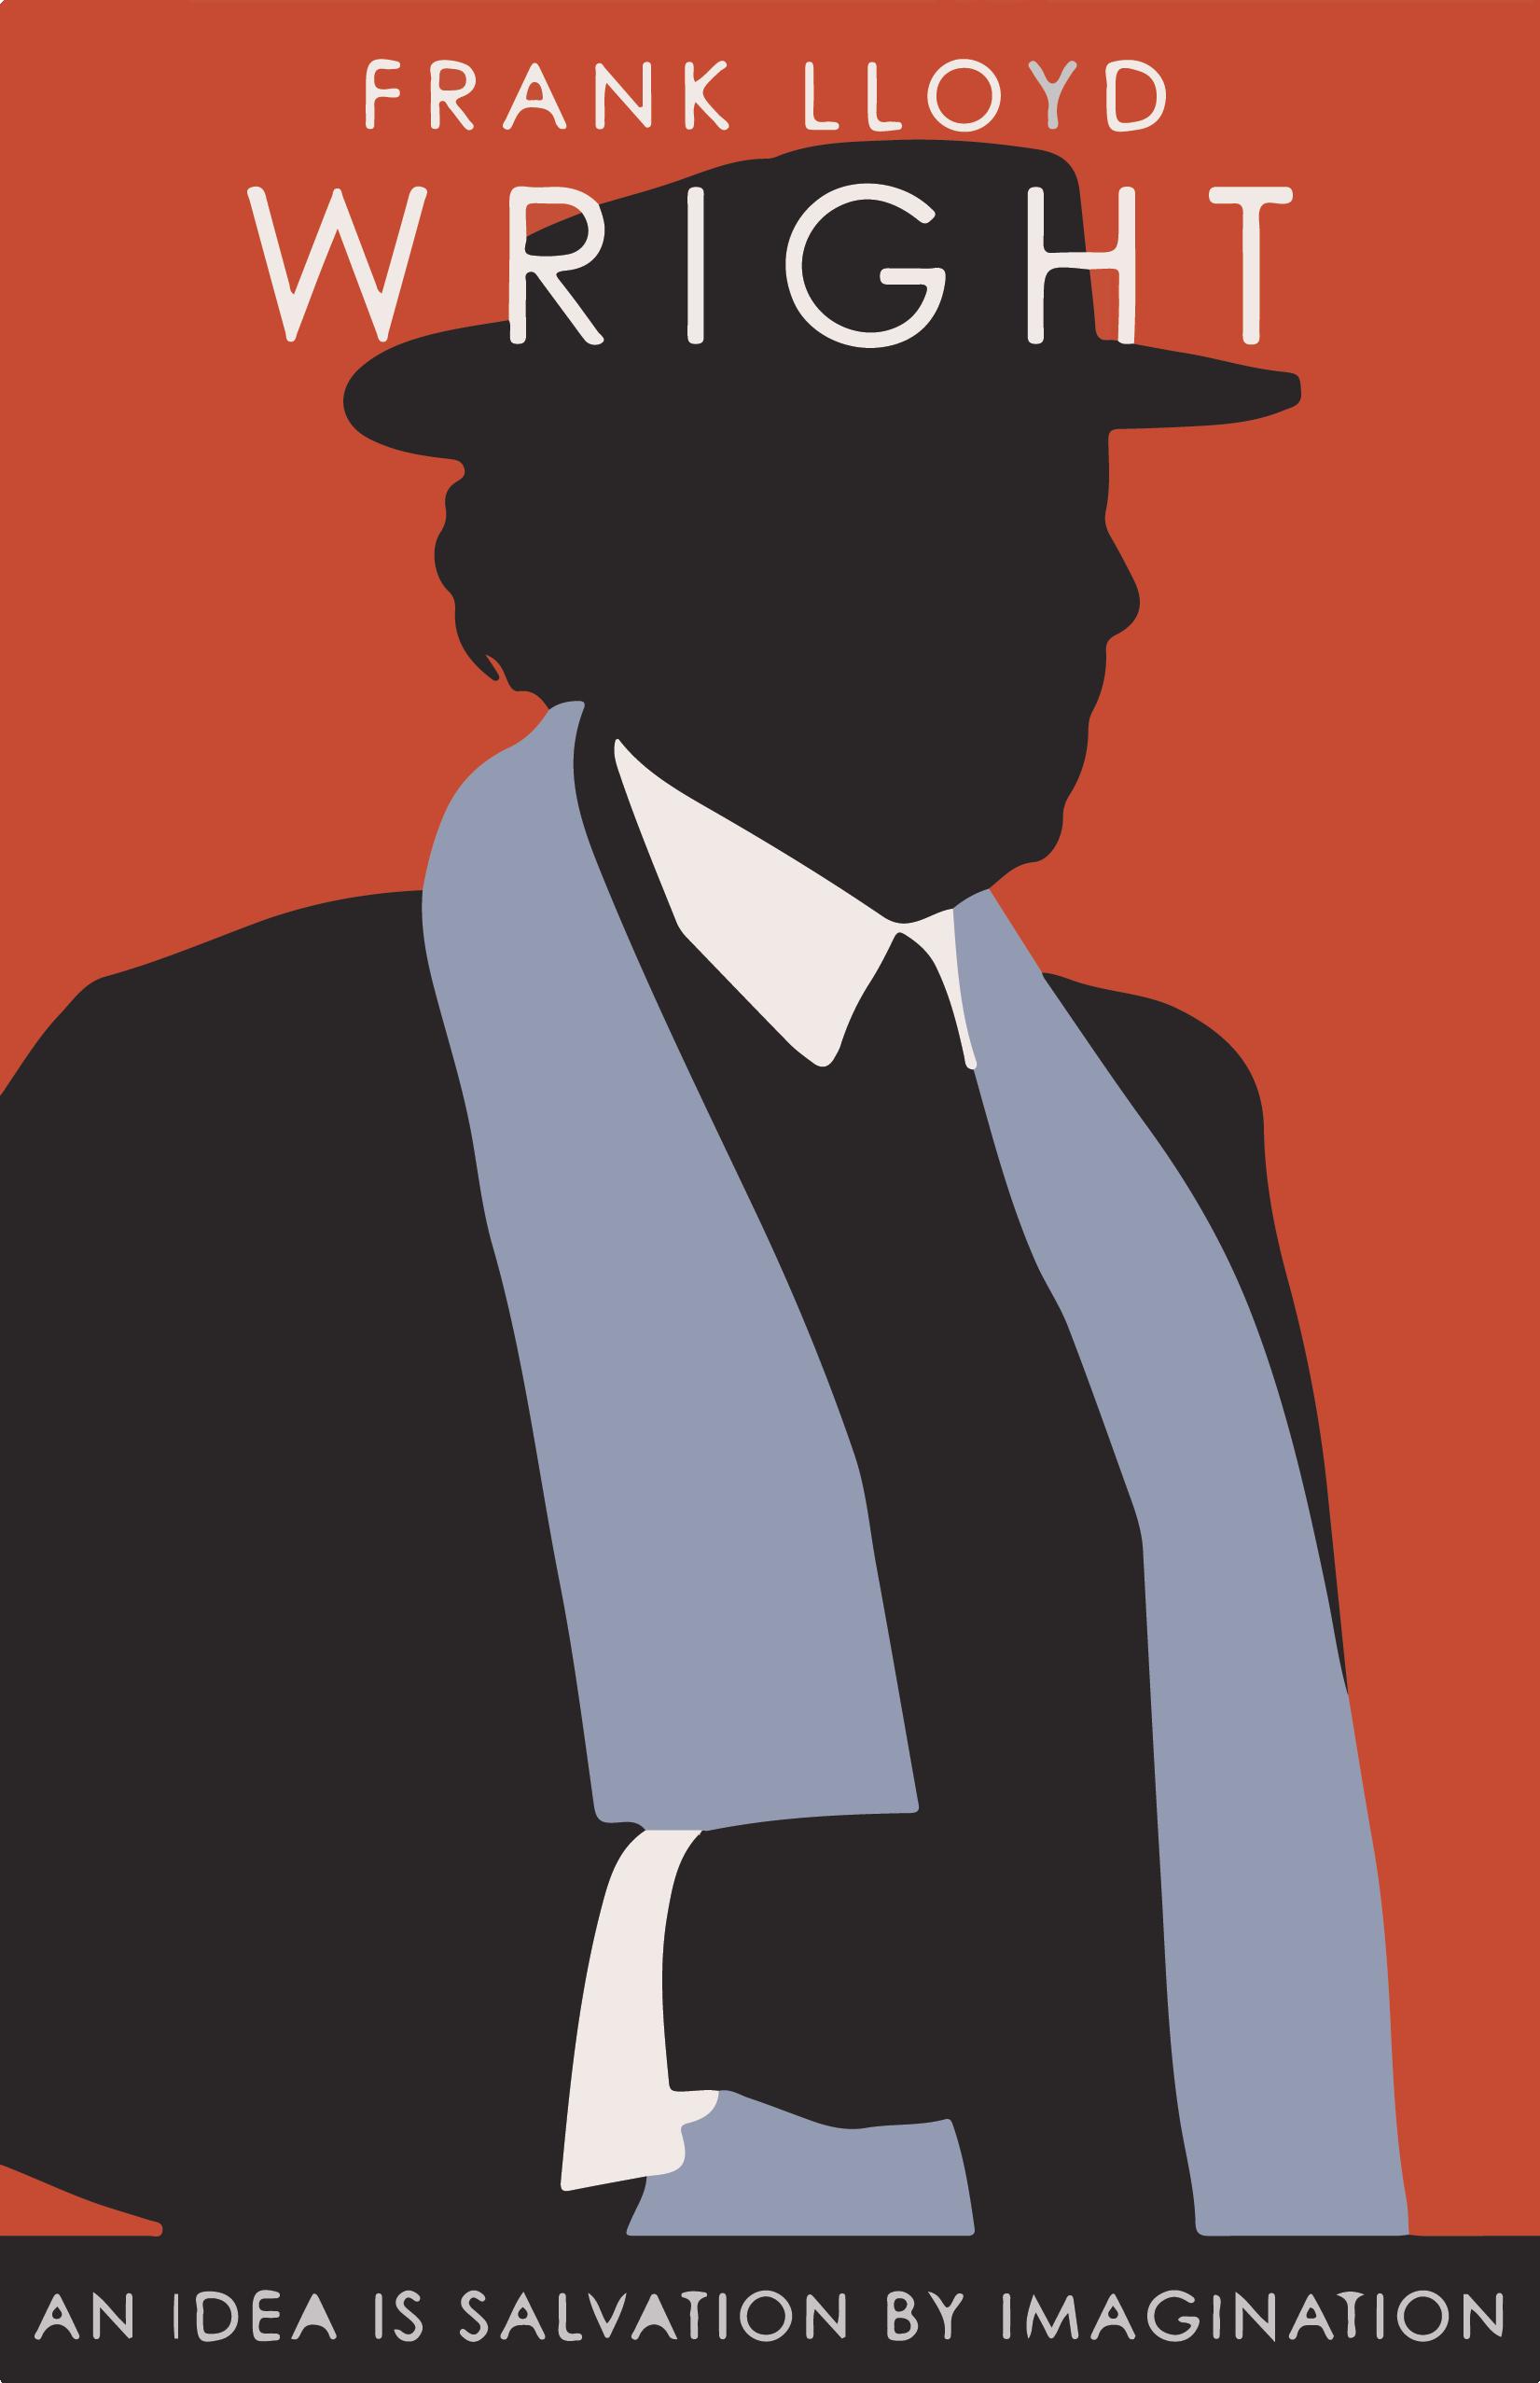 dbbd5737bbd2 Frank Lloyd Wright (1867-1959) poster